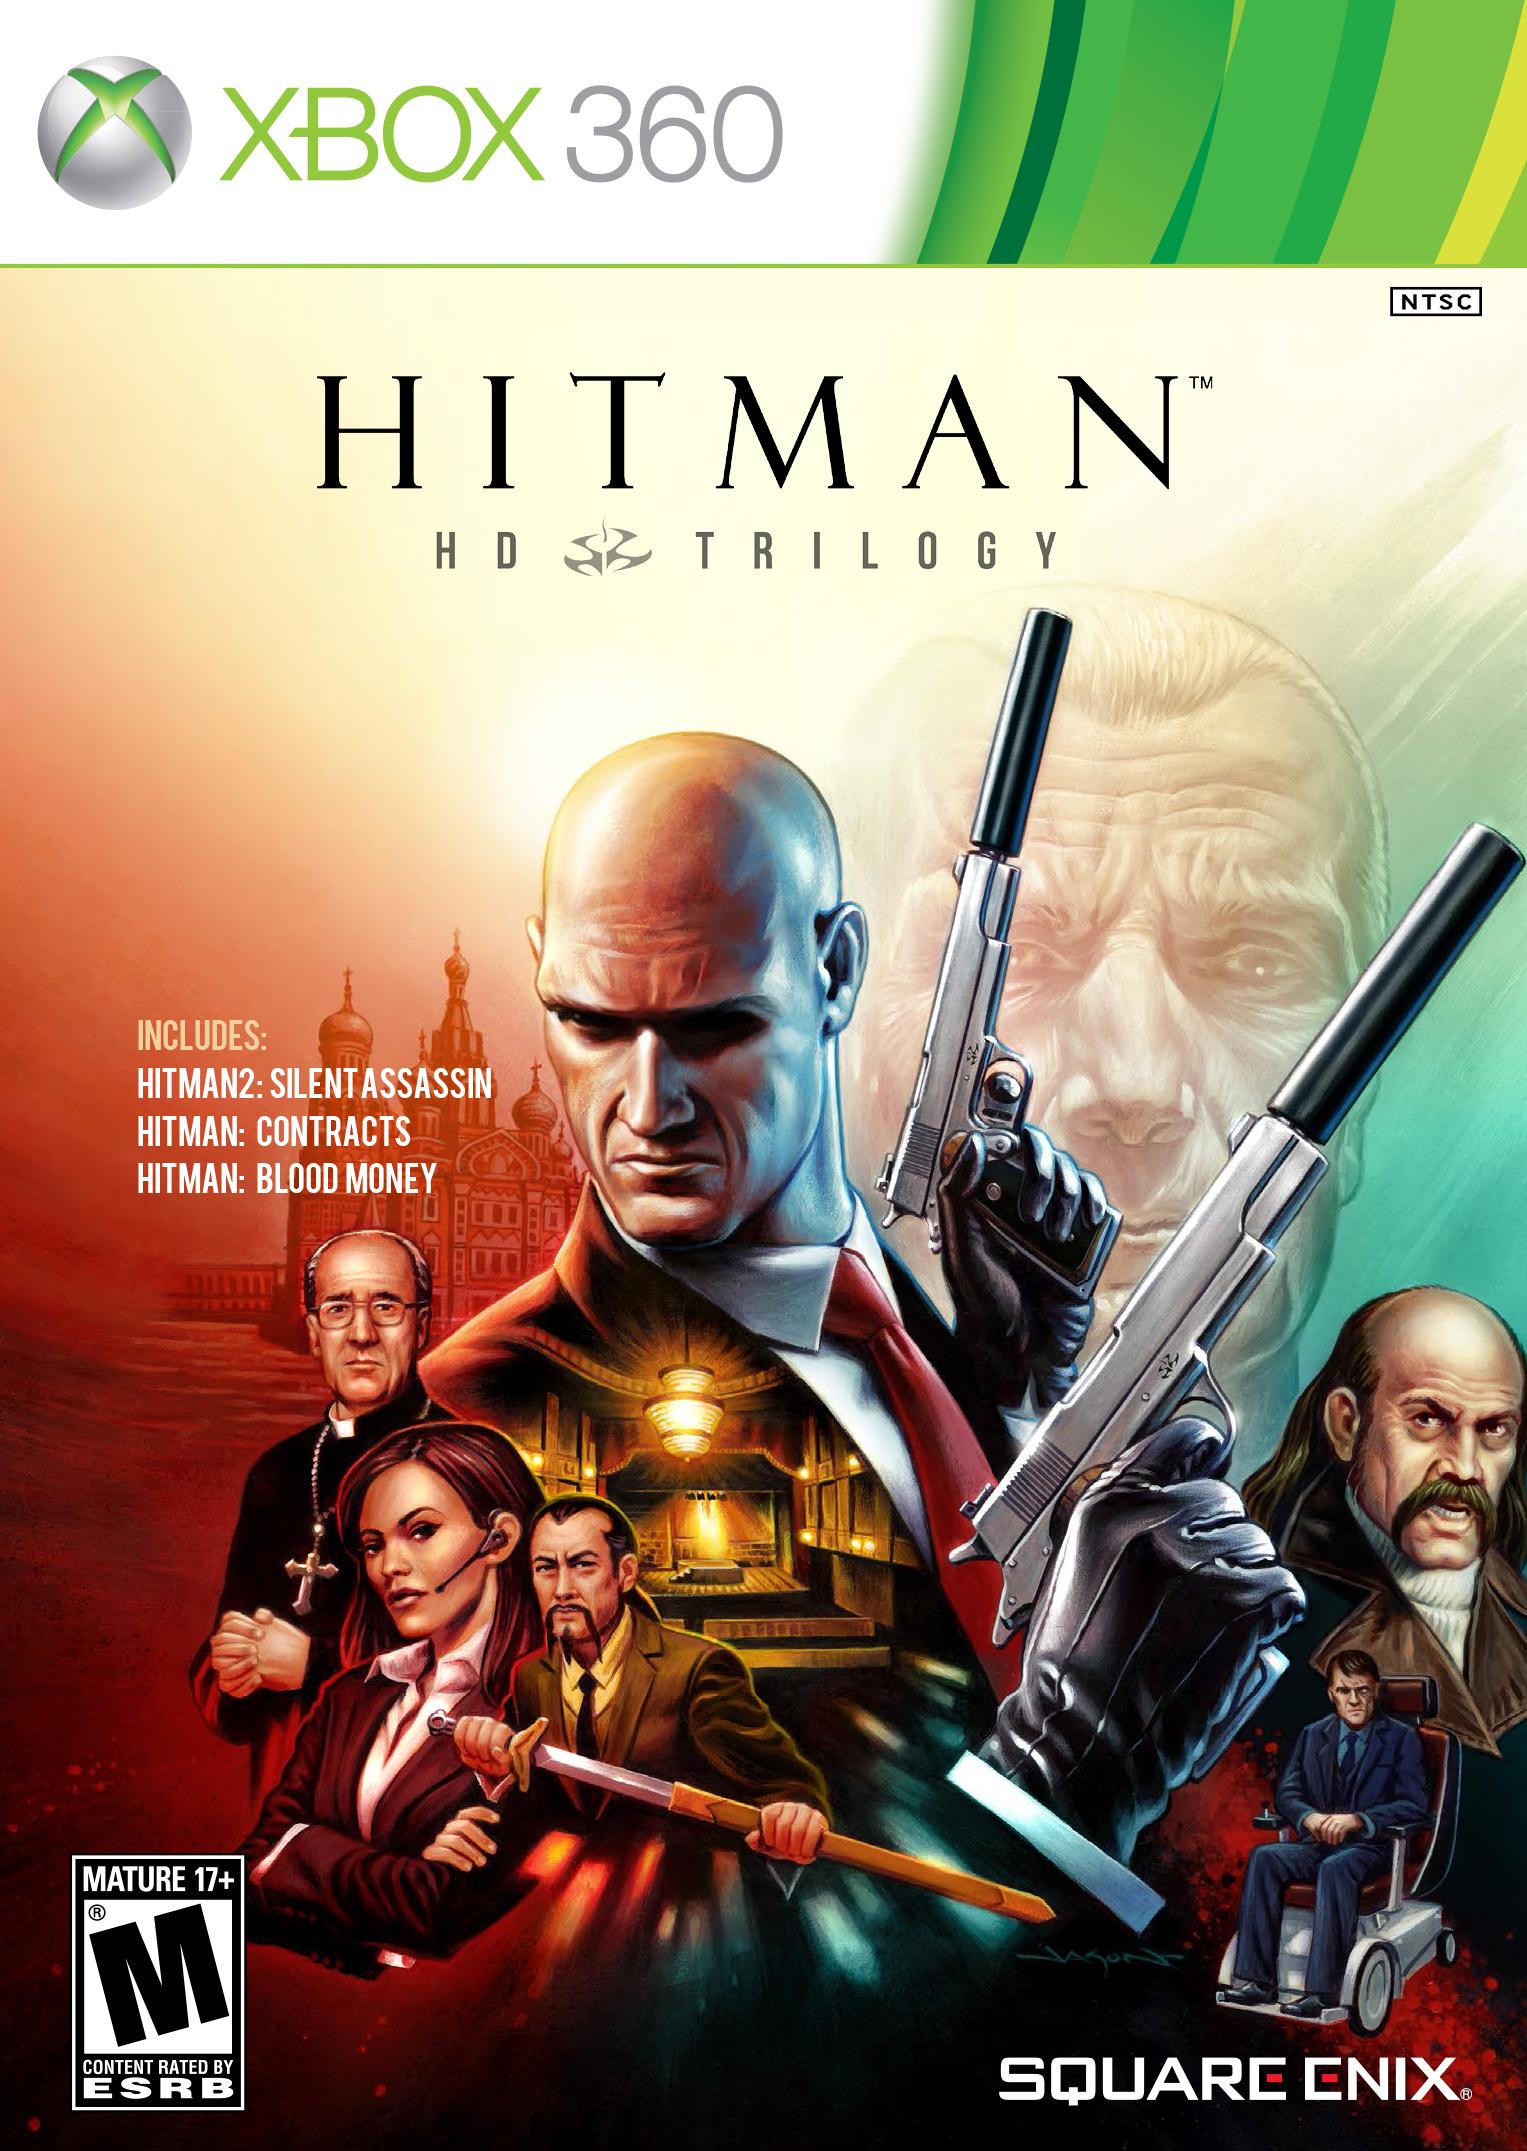 Hitman HD Trilogy (X-BOX 360) 2013